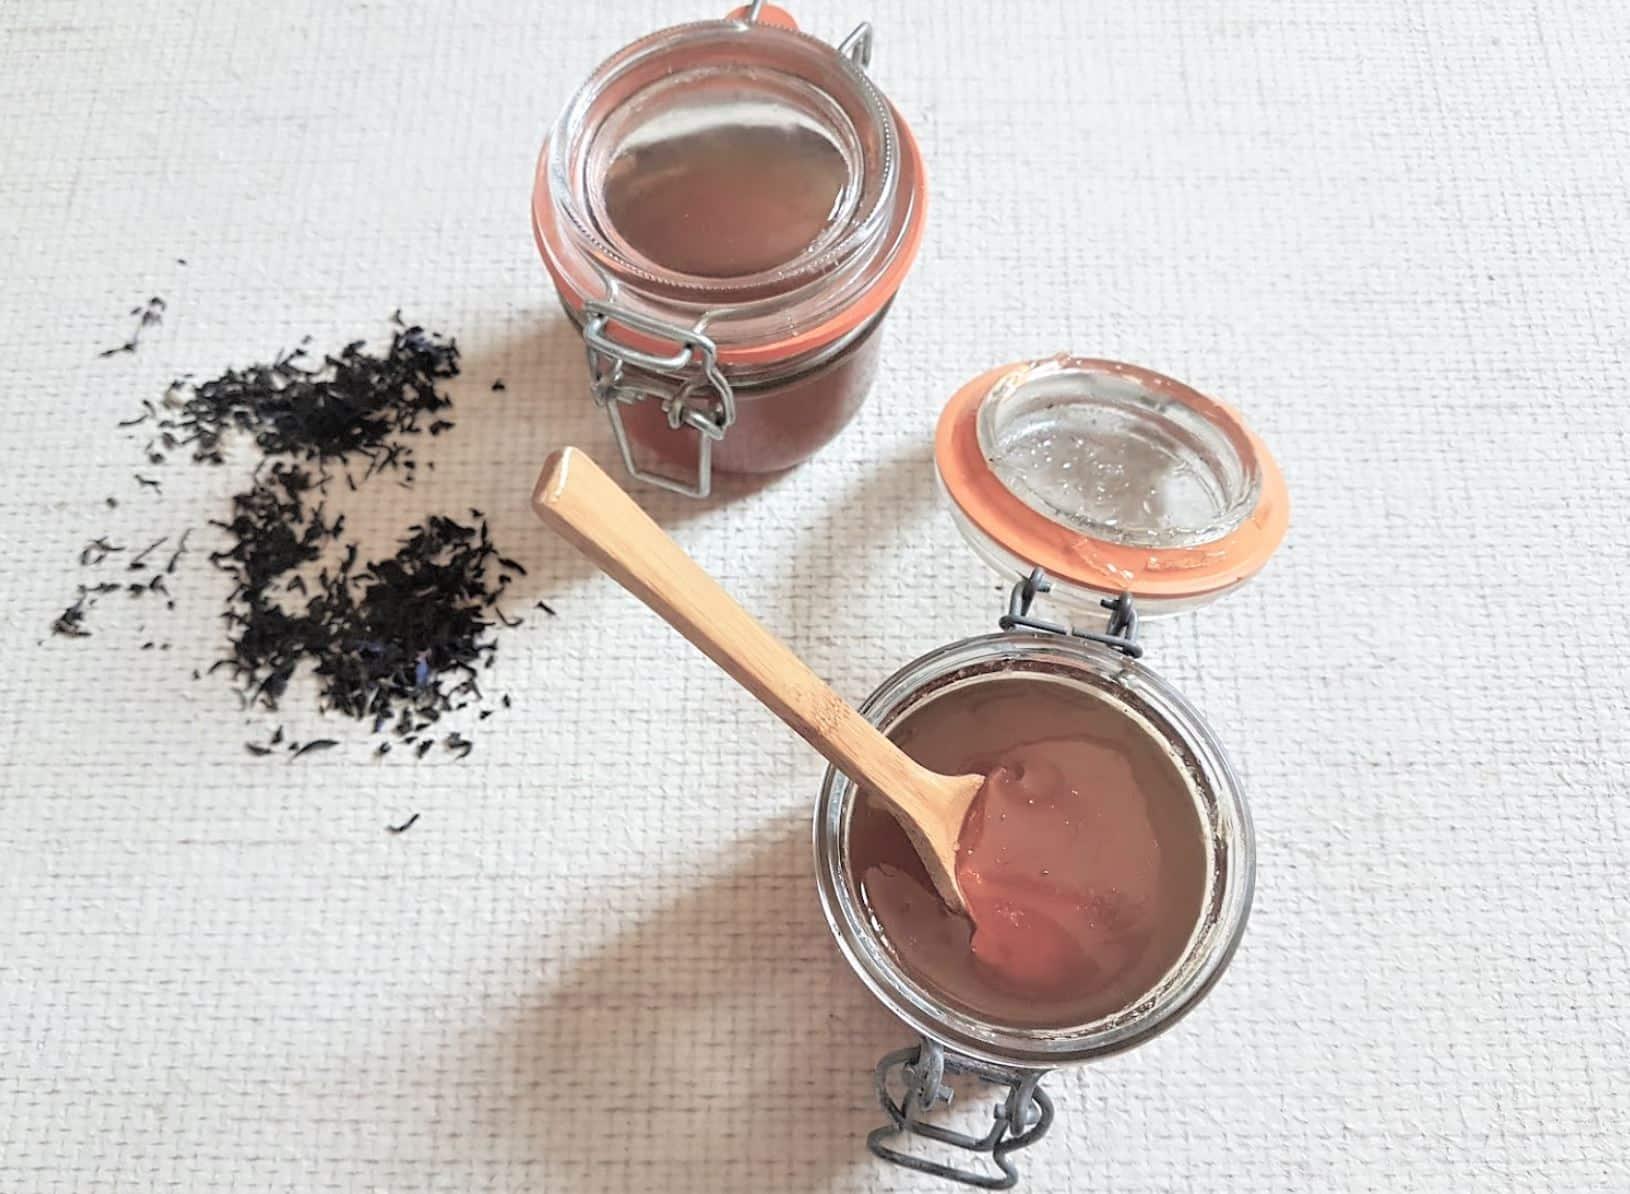 gelée de thé recette maison zéro déchet